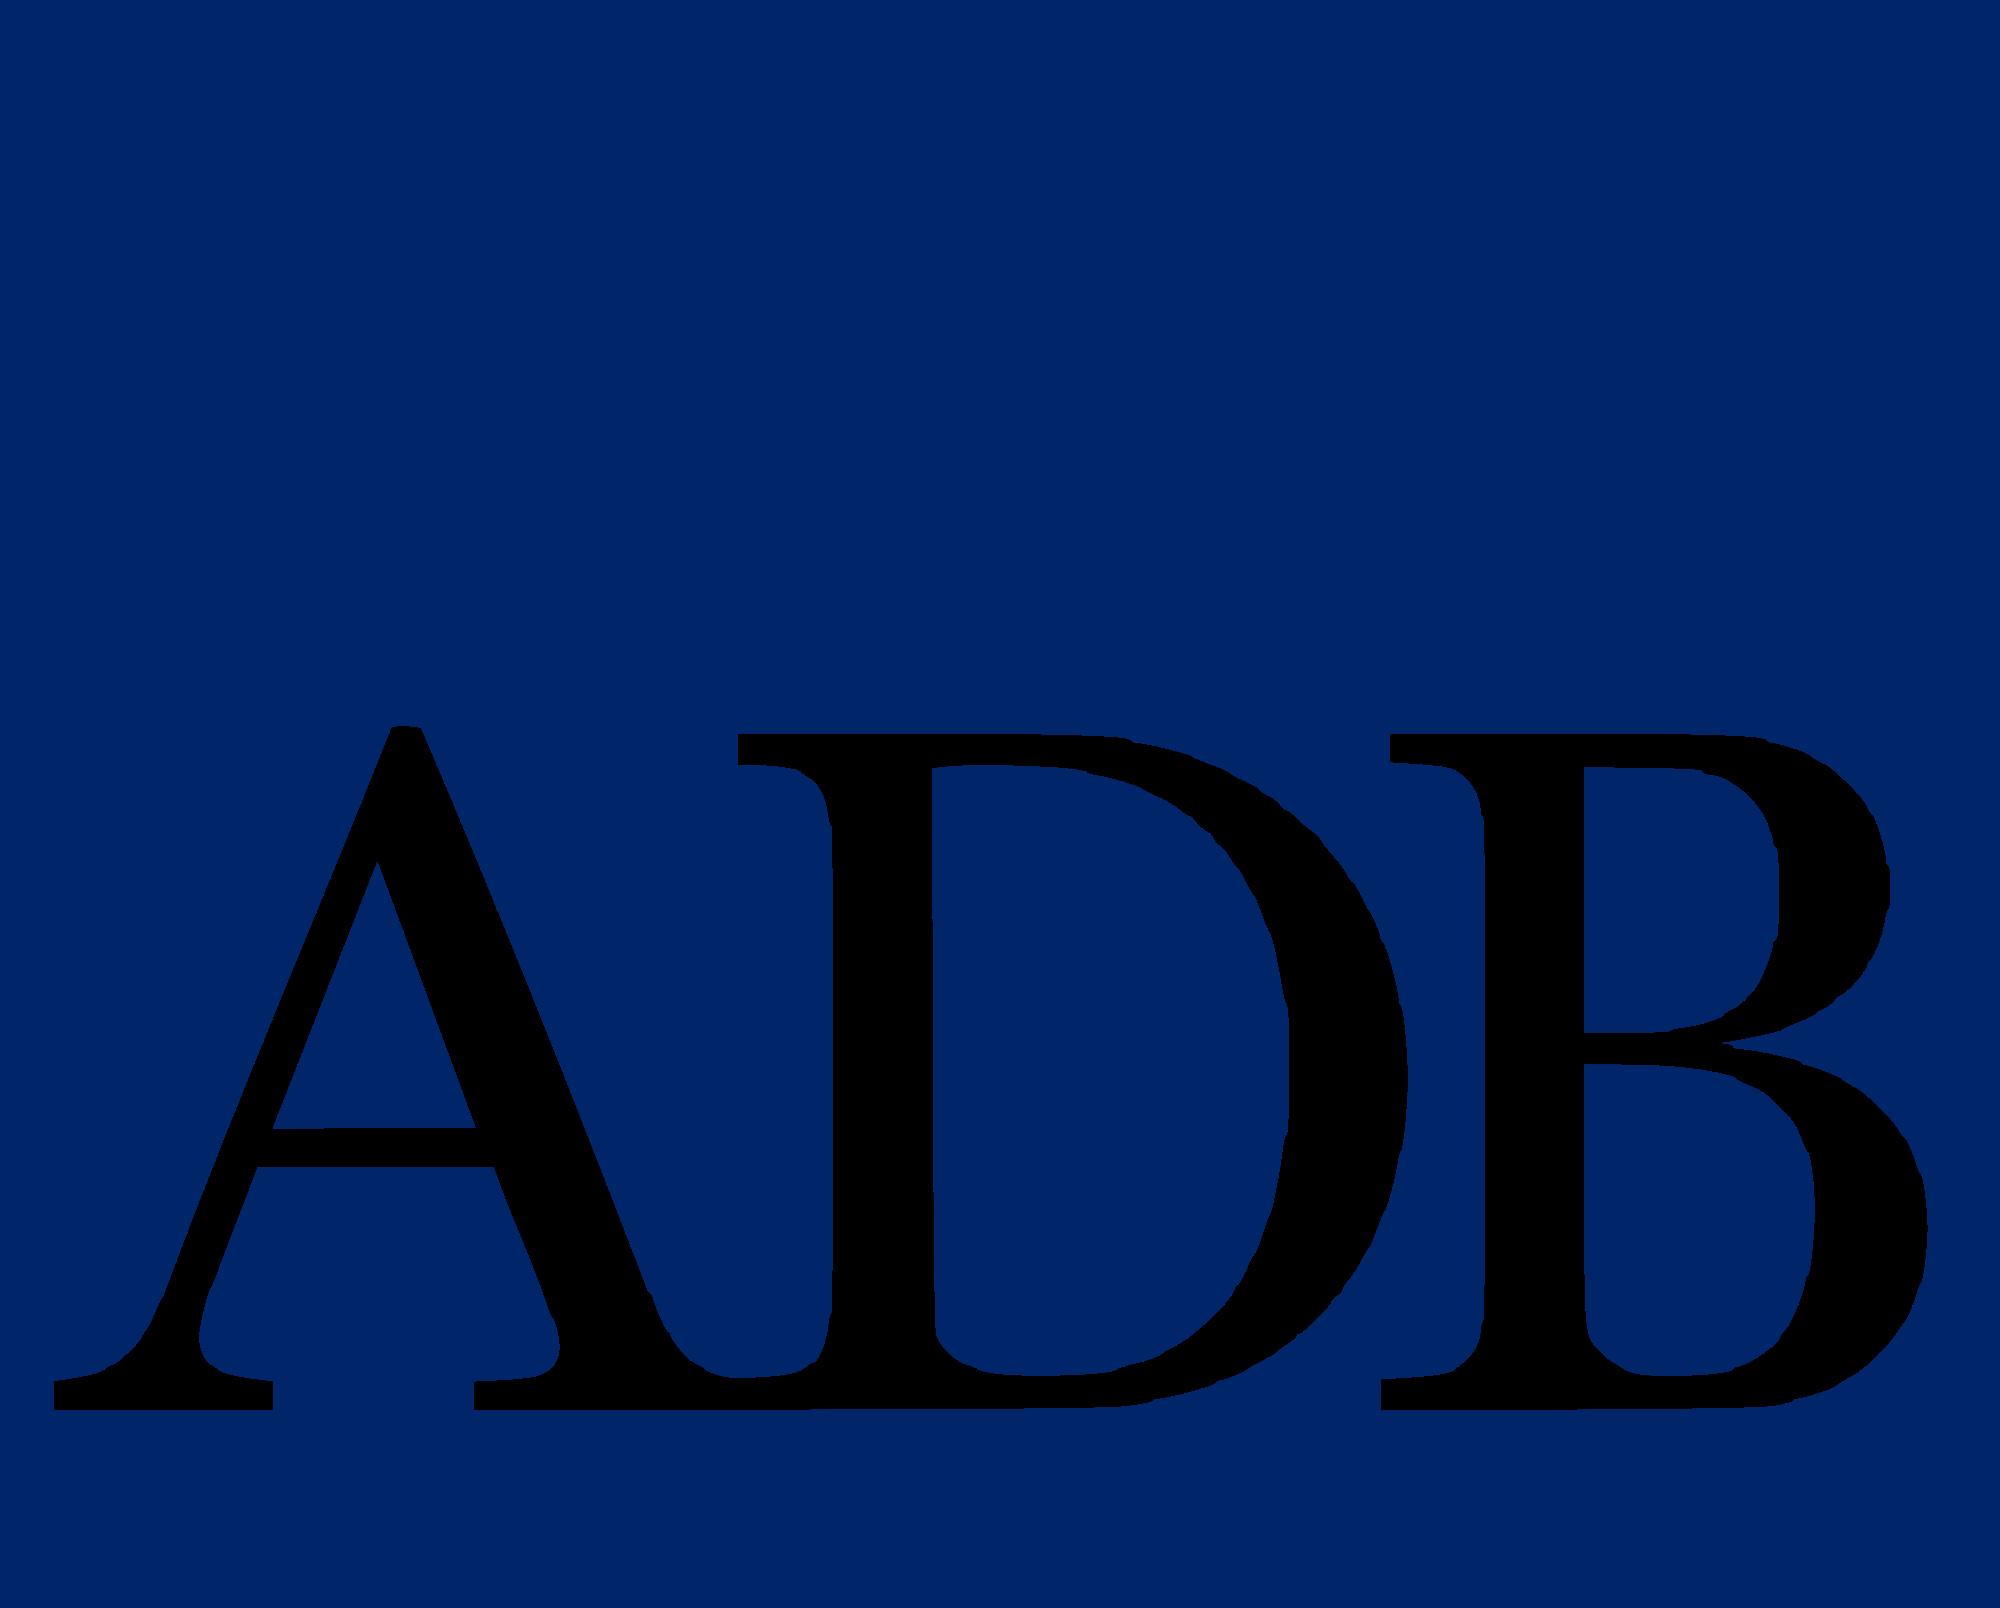 Installing ADB drivers on Windows 10